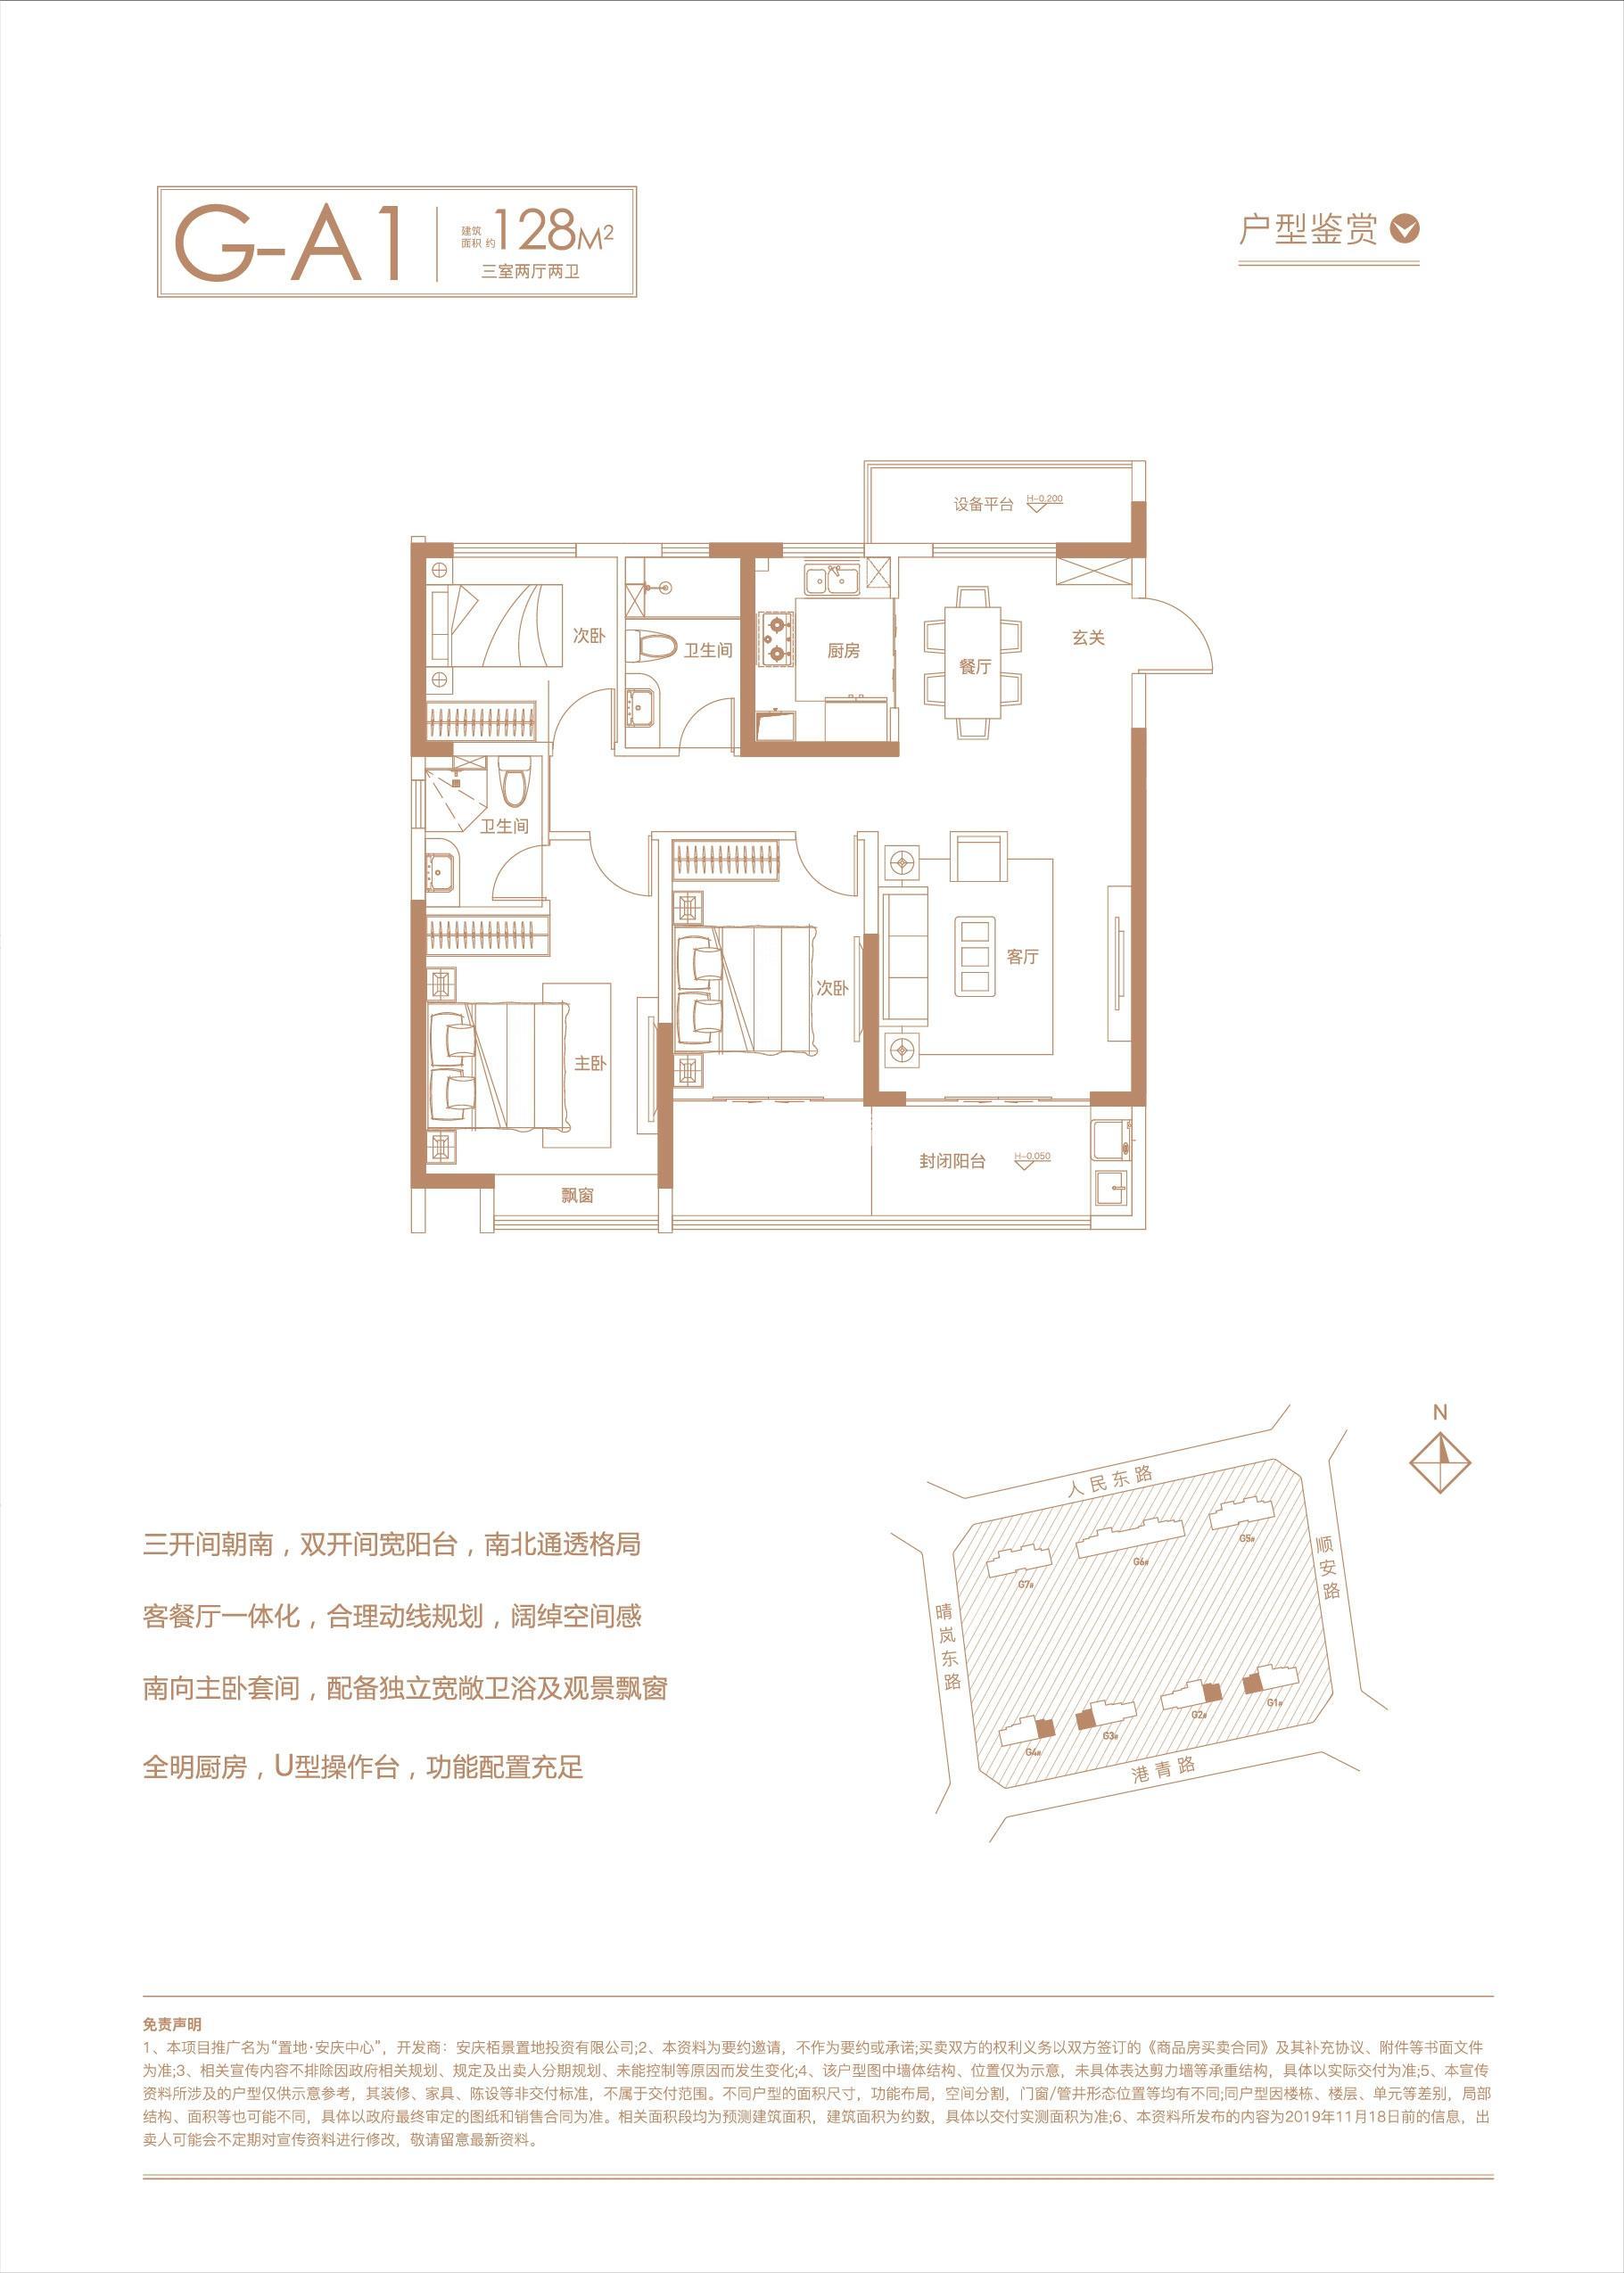 安庆置地安庆中心128㎡三室两厅两卫G-A1户型